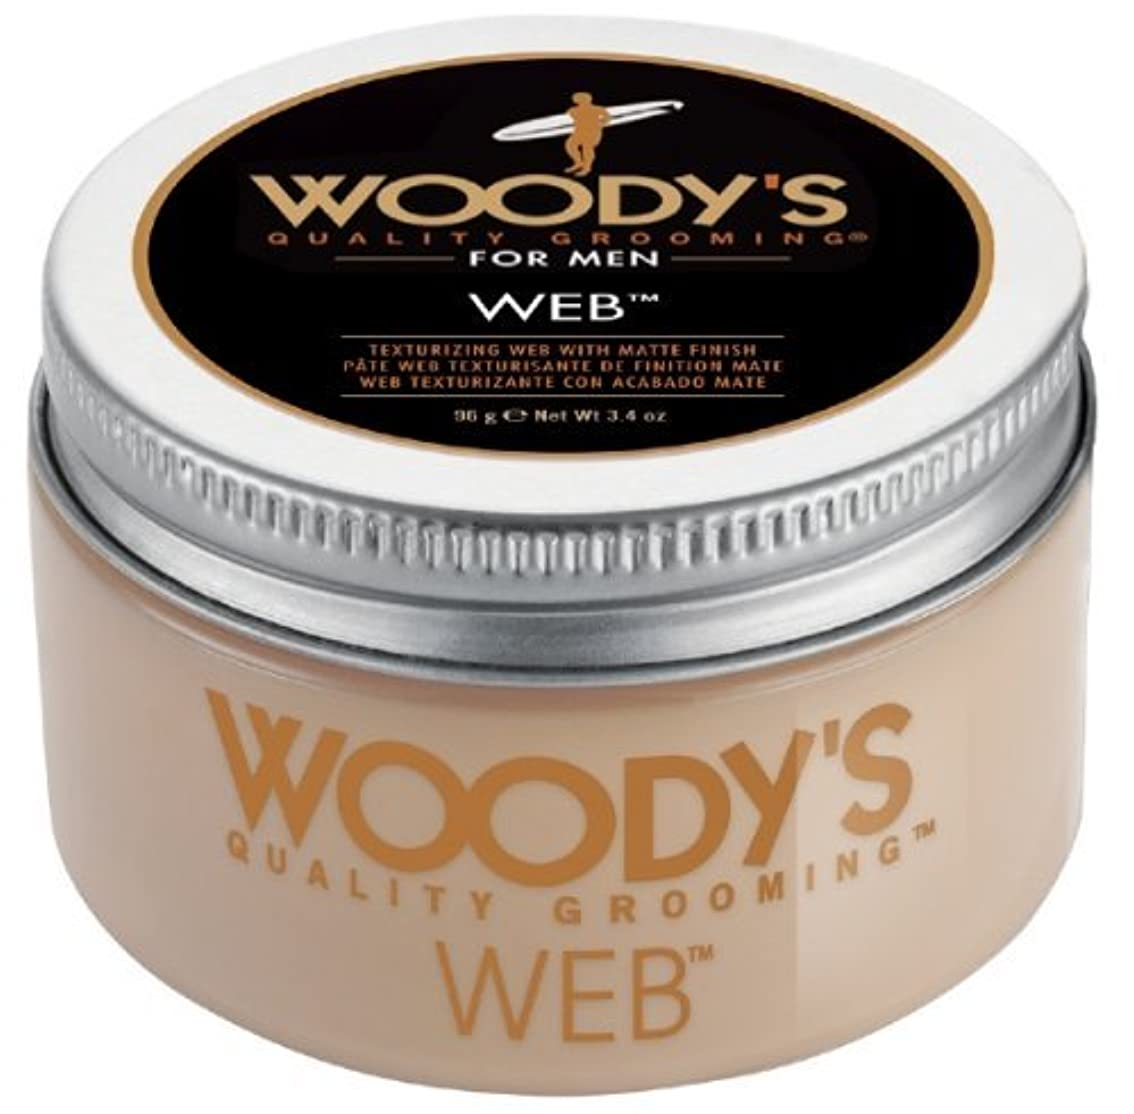 光景笑い含意Woody's Men Hair Styling Web Pomade Matte Finish Wet Or Dry Hair Cr??me Gel 96g by Woody's [並行輸入品]